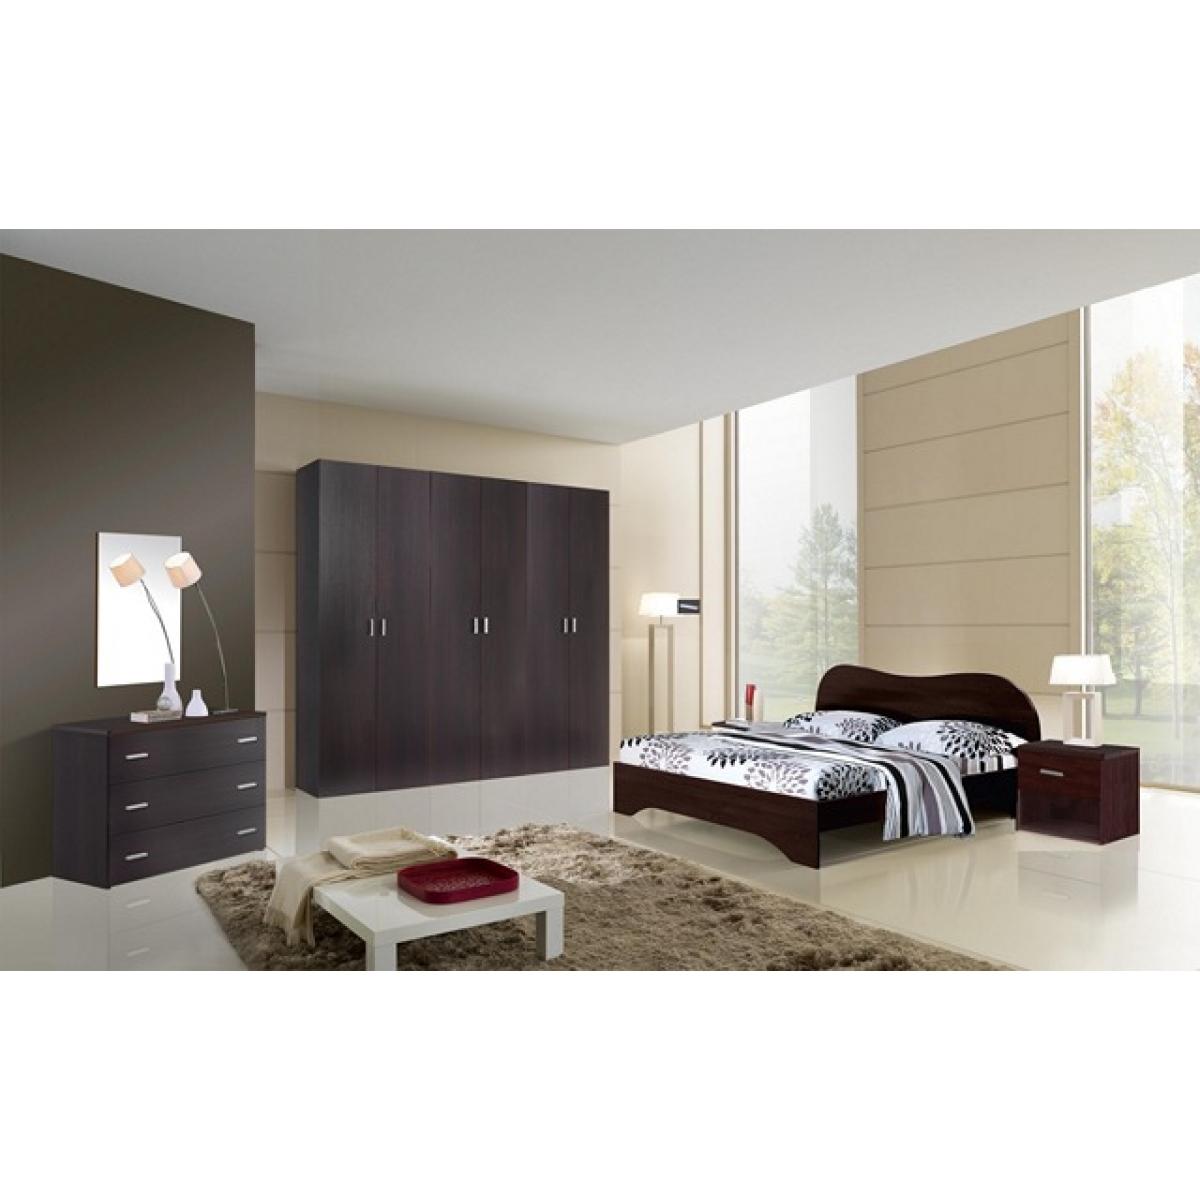 Beautiful camera da letto weng gallery acrylicgiftware - Camere da letto romantiche ...